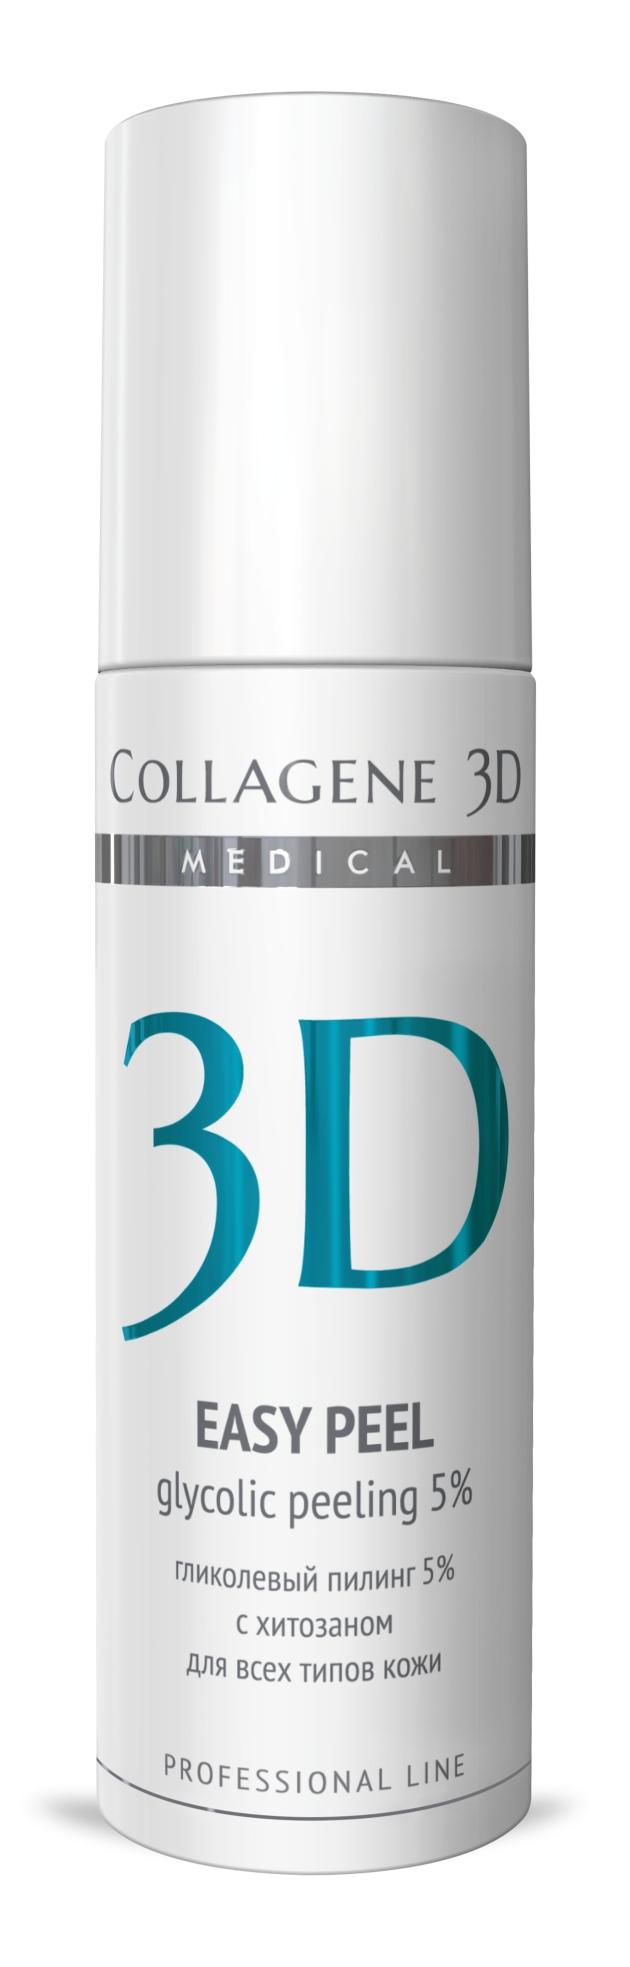 """MEDICAL COLLAGENE 3D ����-������ � ��������� �� ������ ���������� ������� 5% (pH 3,2) """"Easy Peel"""" 130�� ����."""